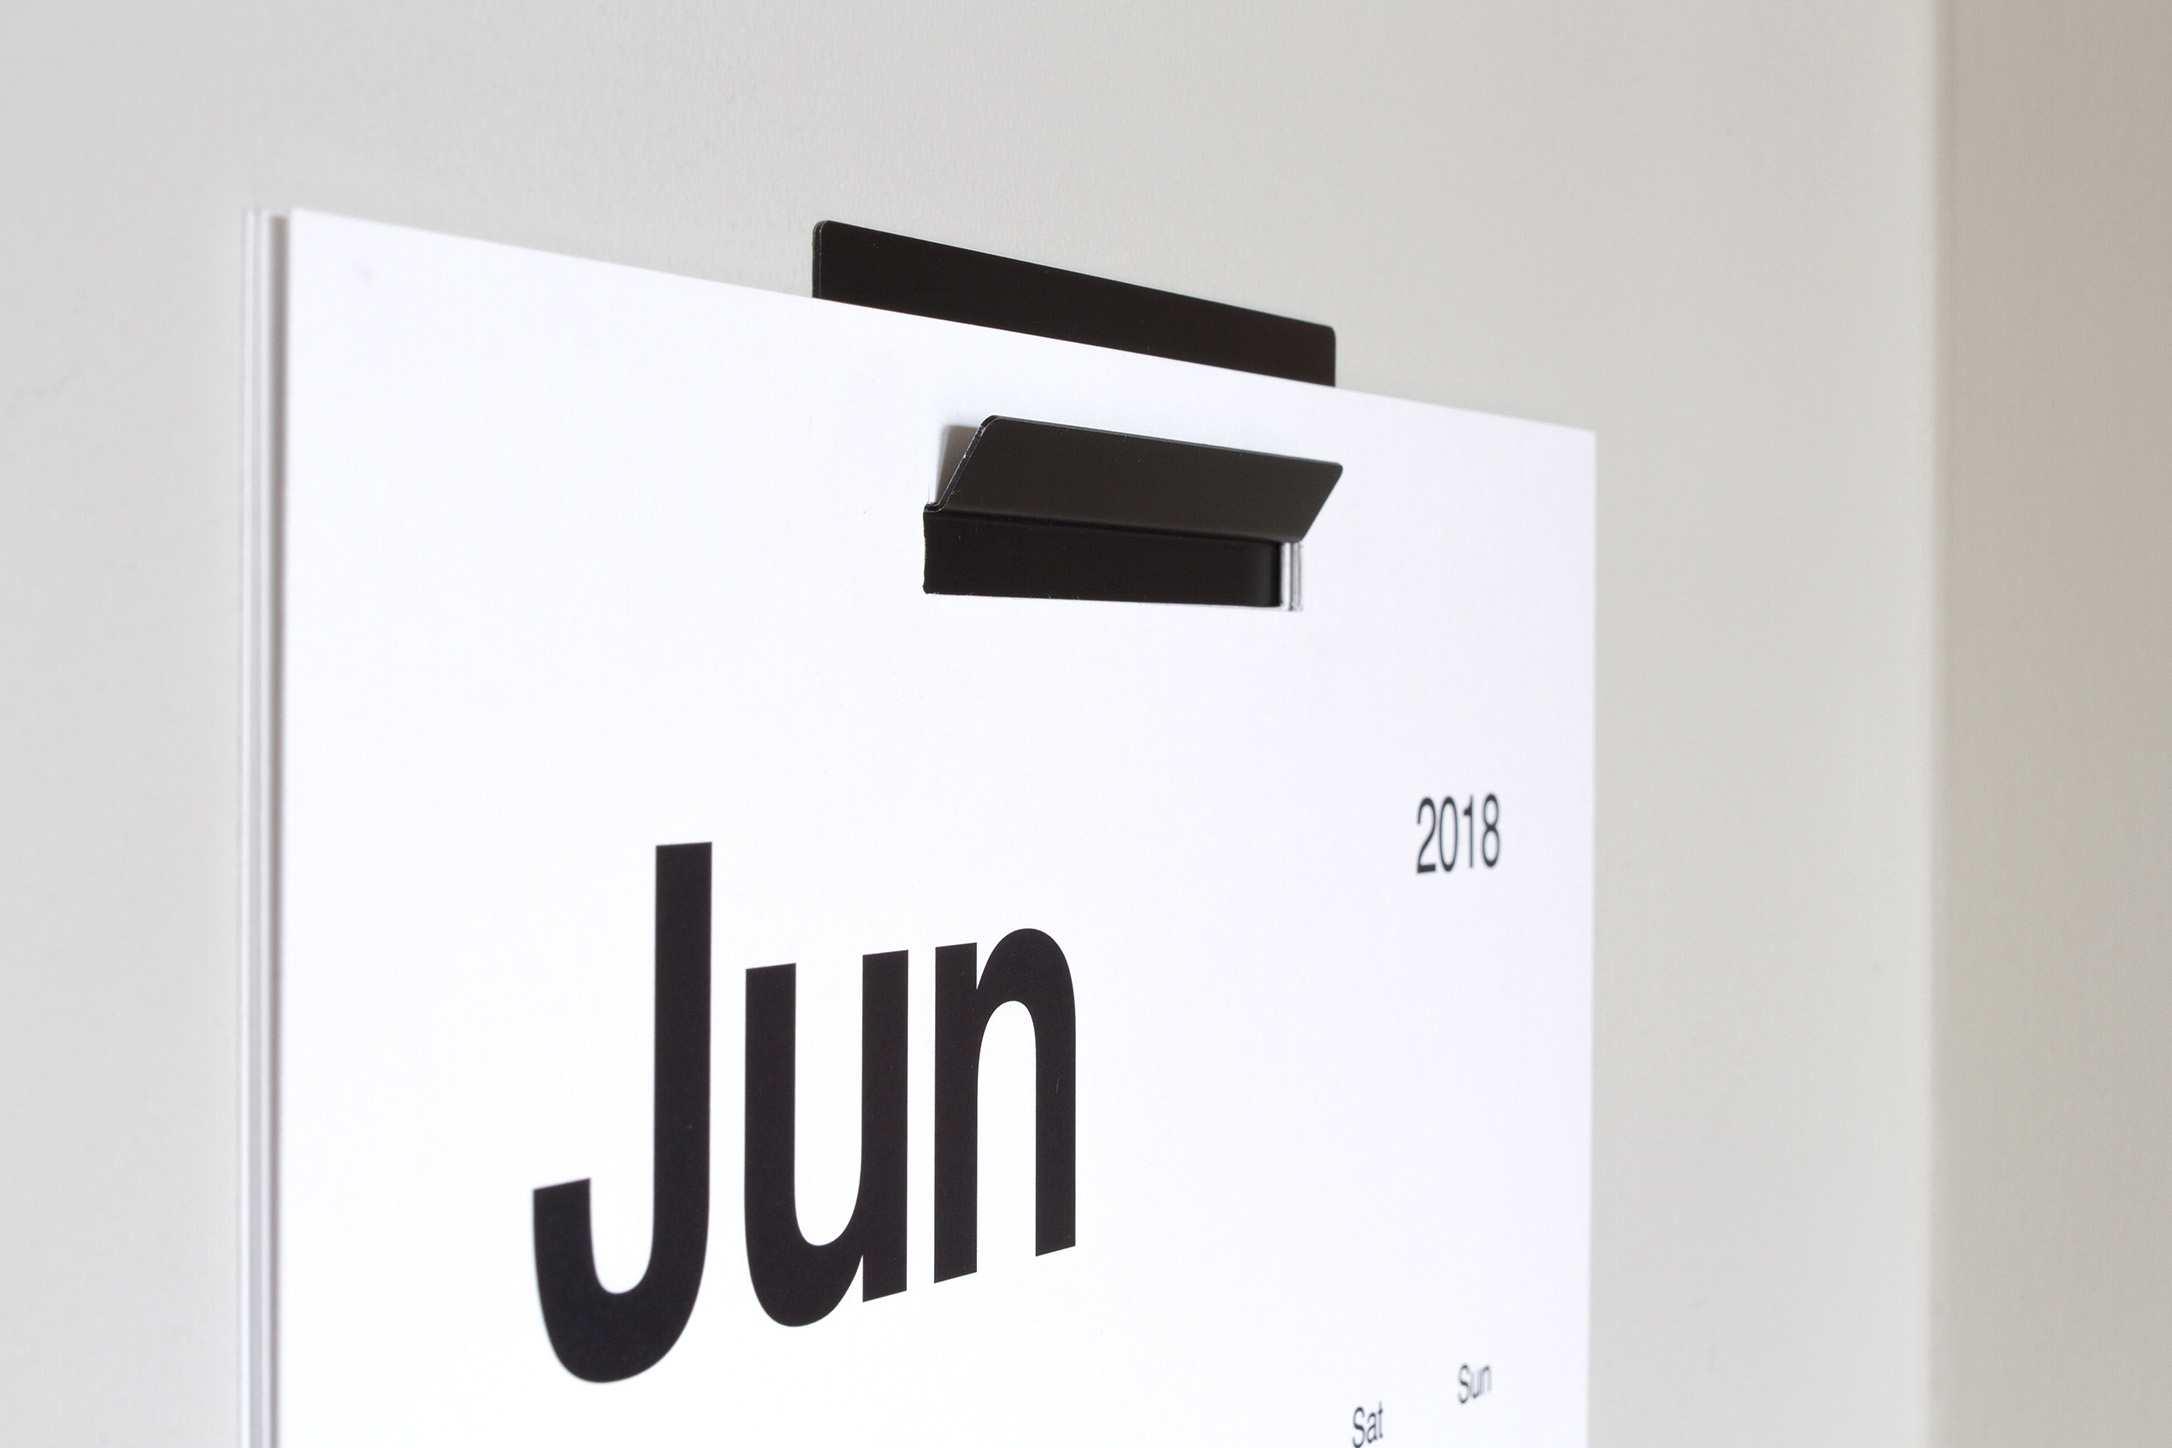 KAL baza minimalistycznego kalendarza ściennego